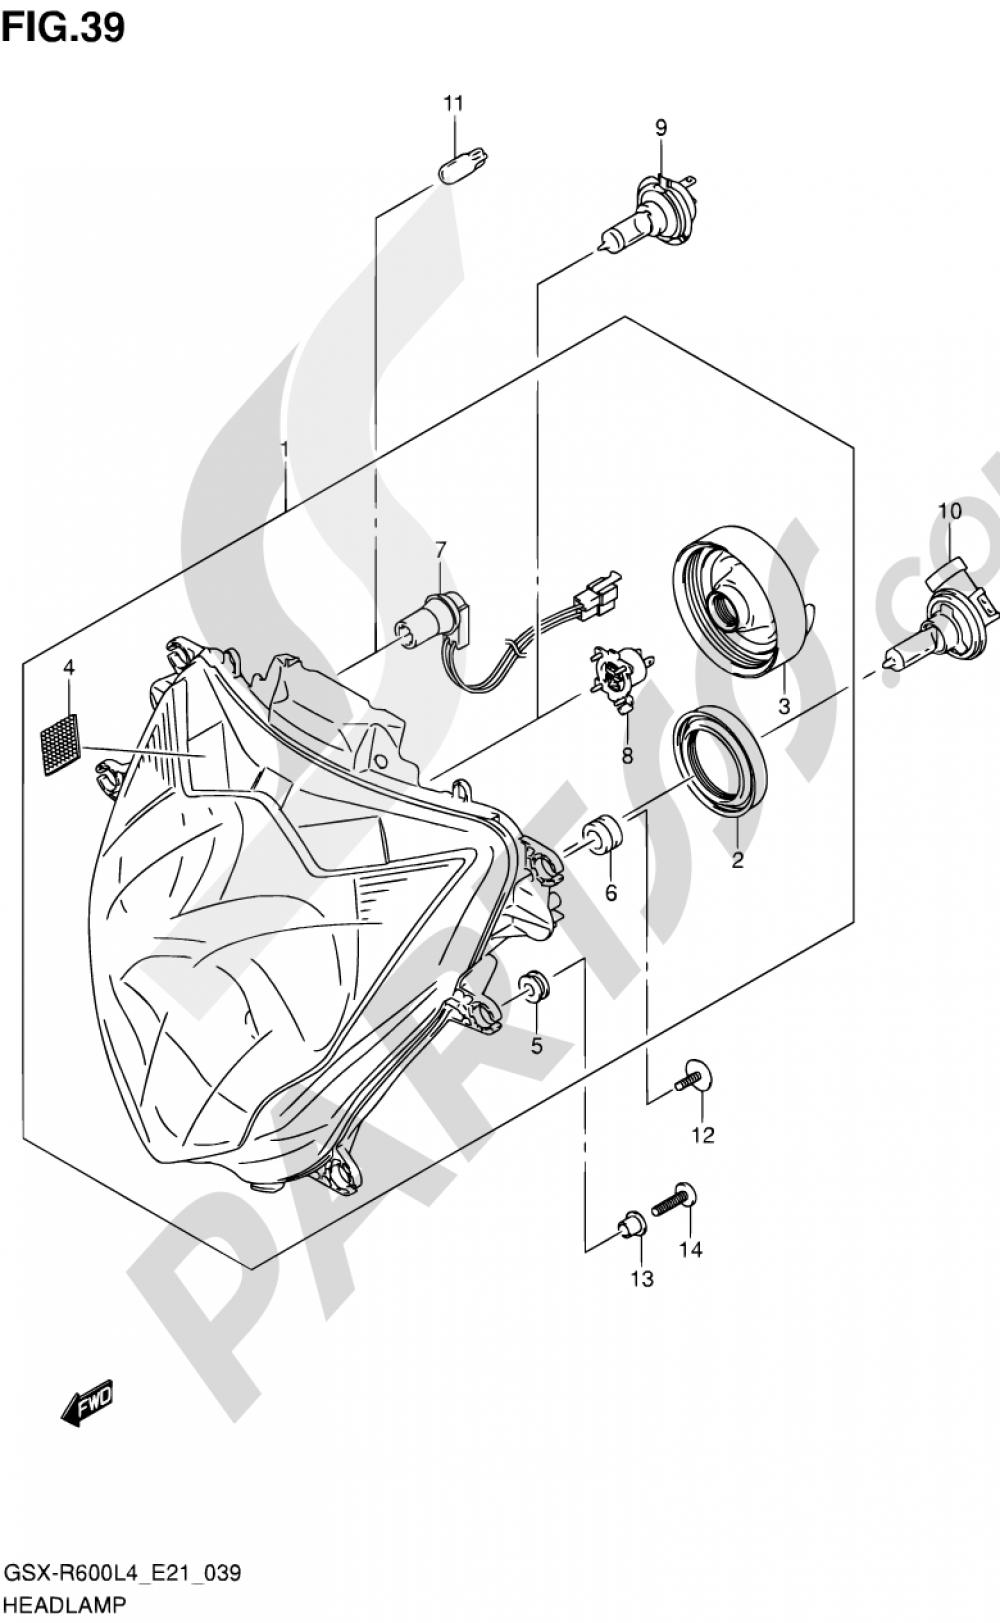 39 - HEADLAMP (GSX-R600UEL4 E21) Suzuki GSX-R600 2014